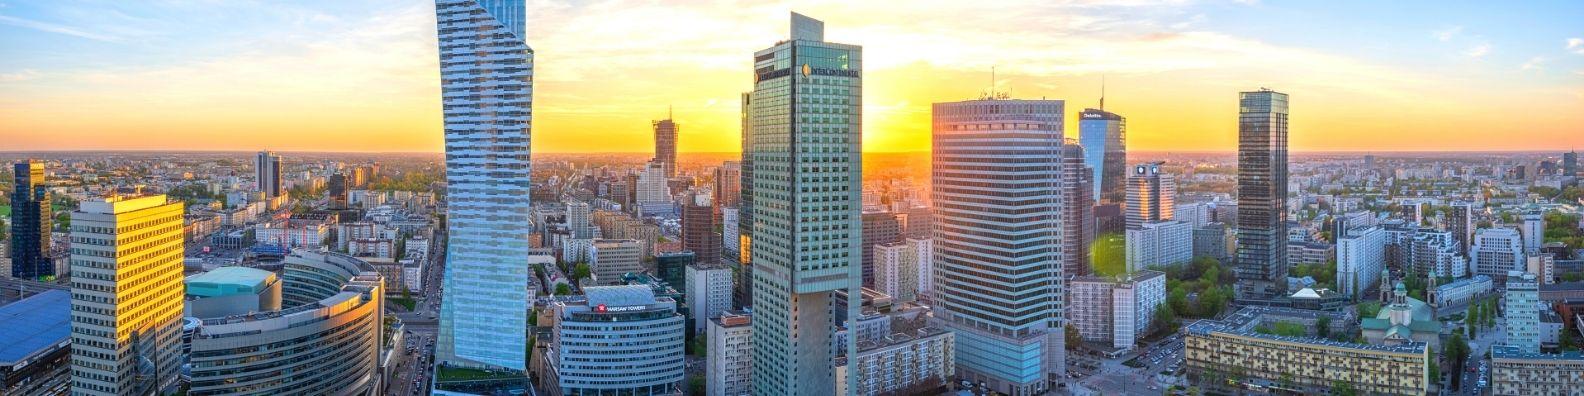 cena transakcyjna za m2 mieszkania w Warszawie wyniosła 9568zł